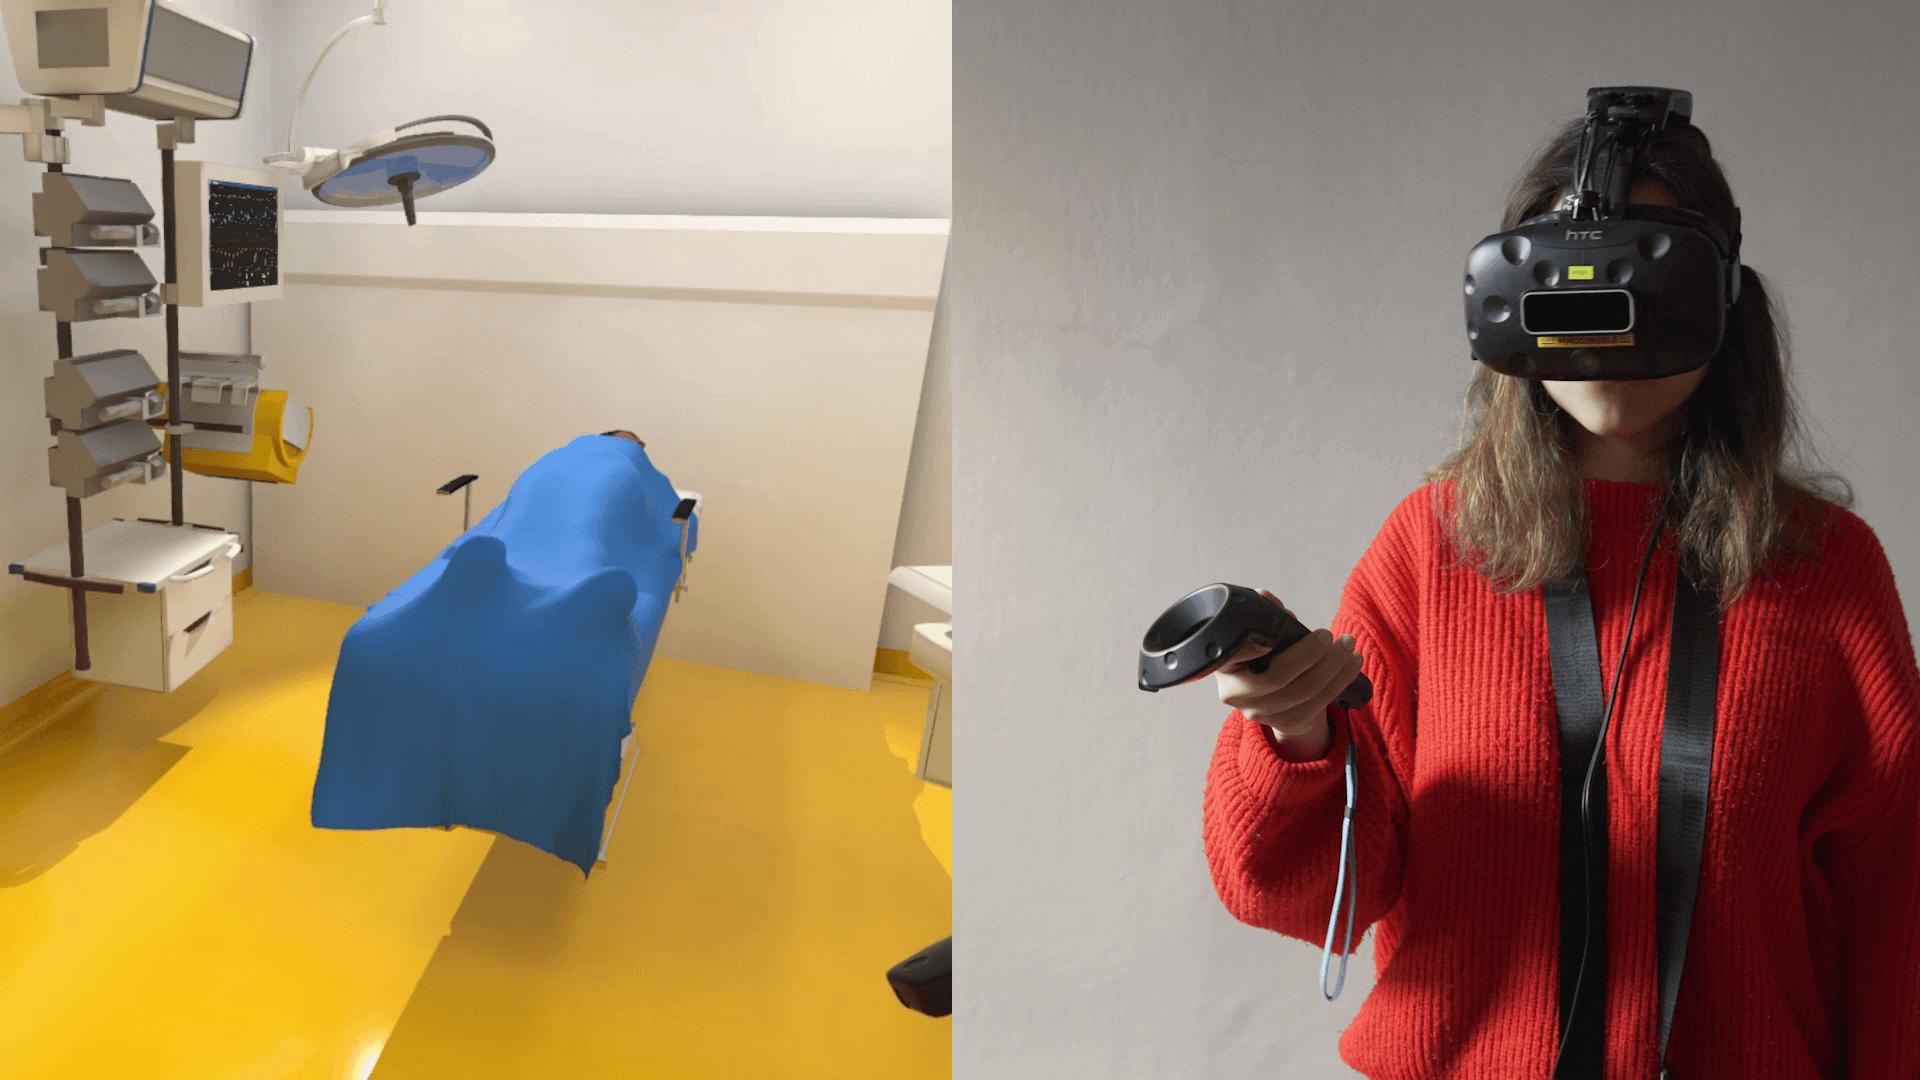 VR Emergency room